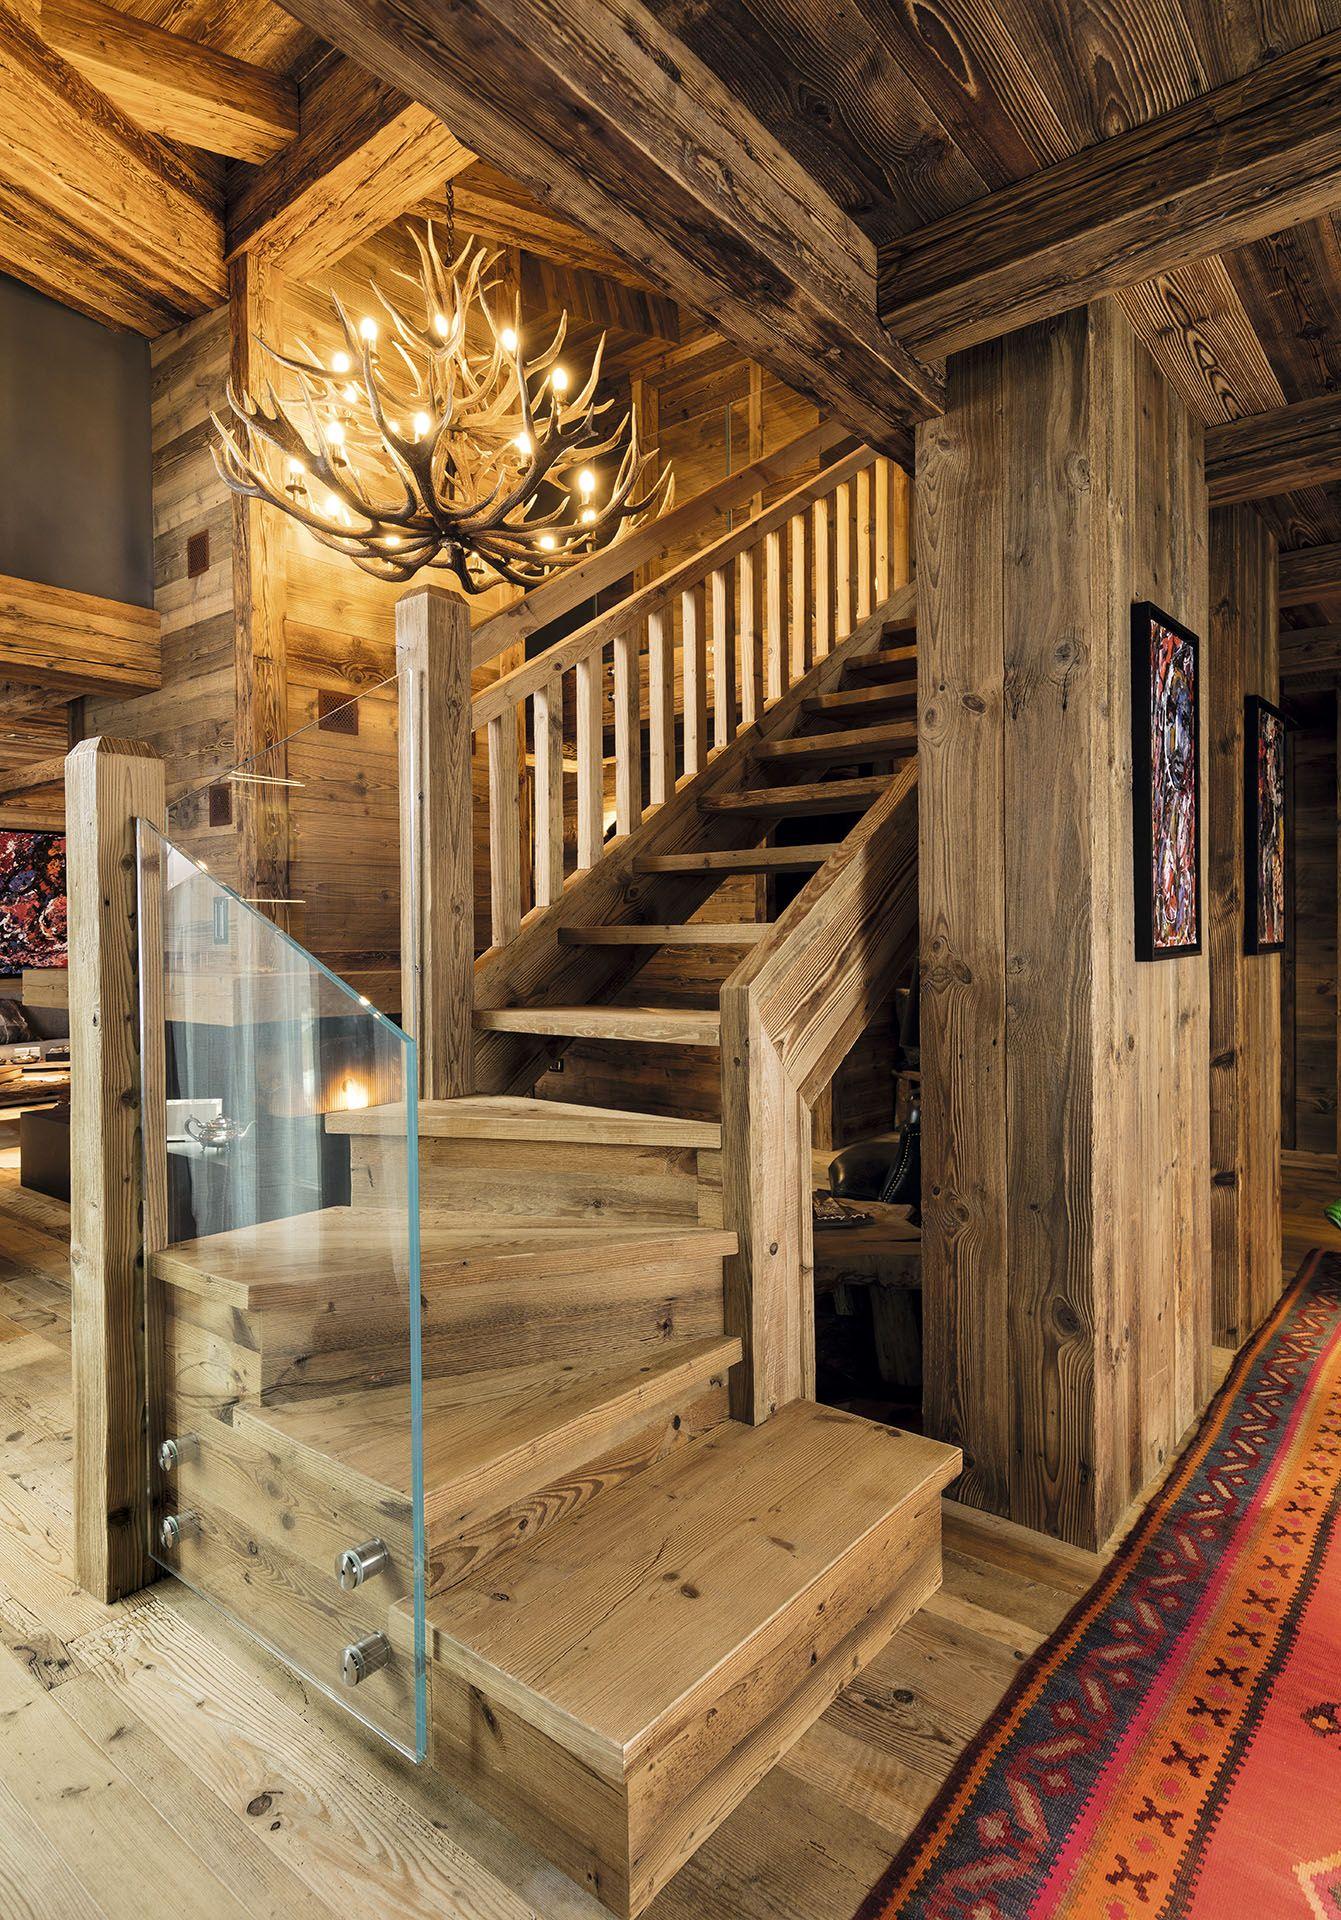 Caracter architettura d 39 interni progettazione for Interni case rustiche